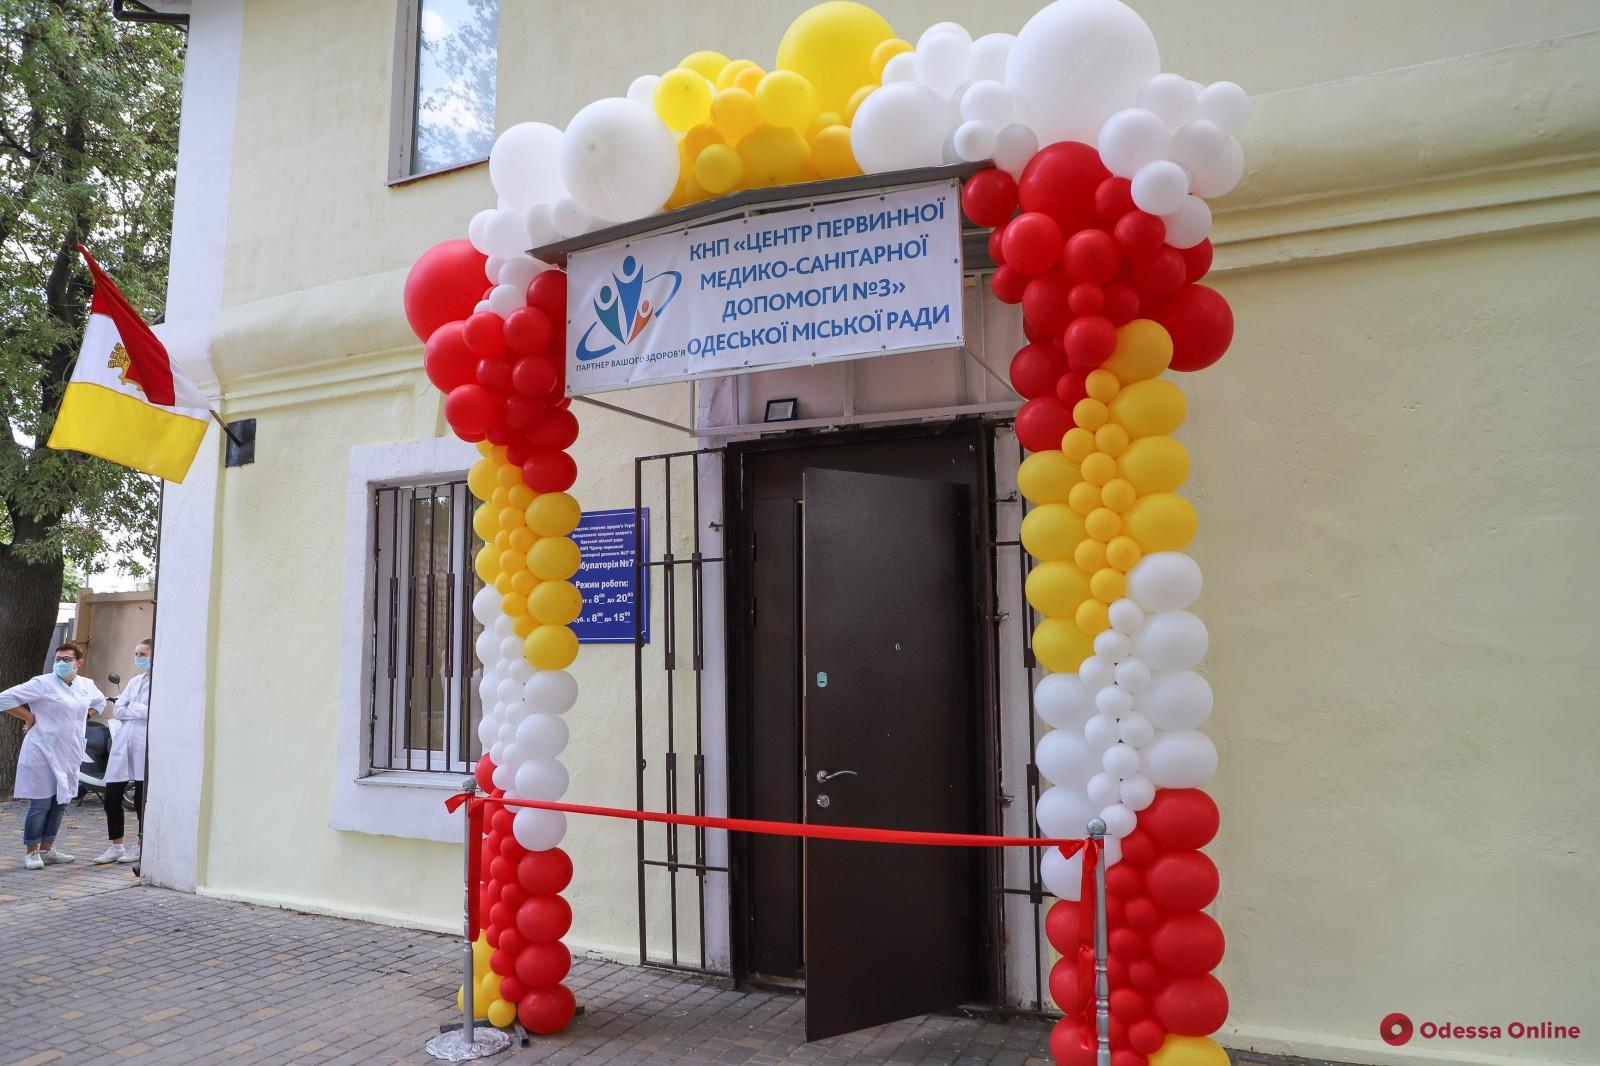 В Одессе на Чубаевке открыли новую амбулаторию